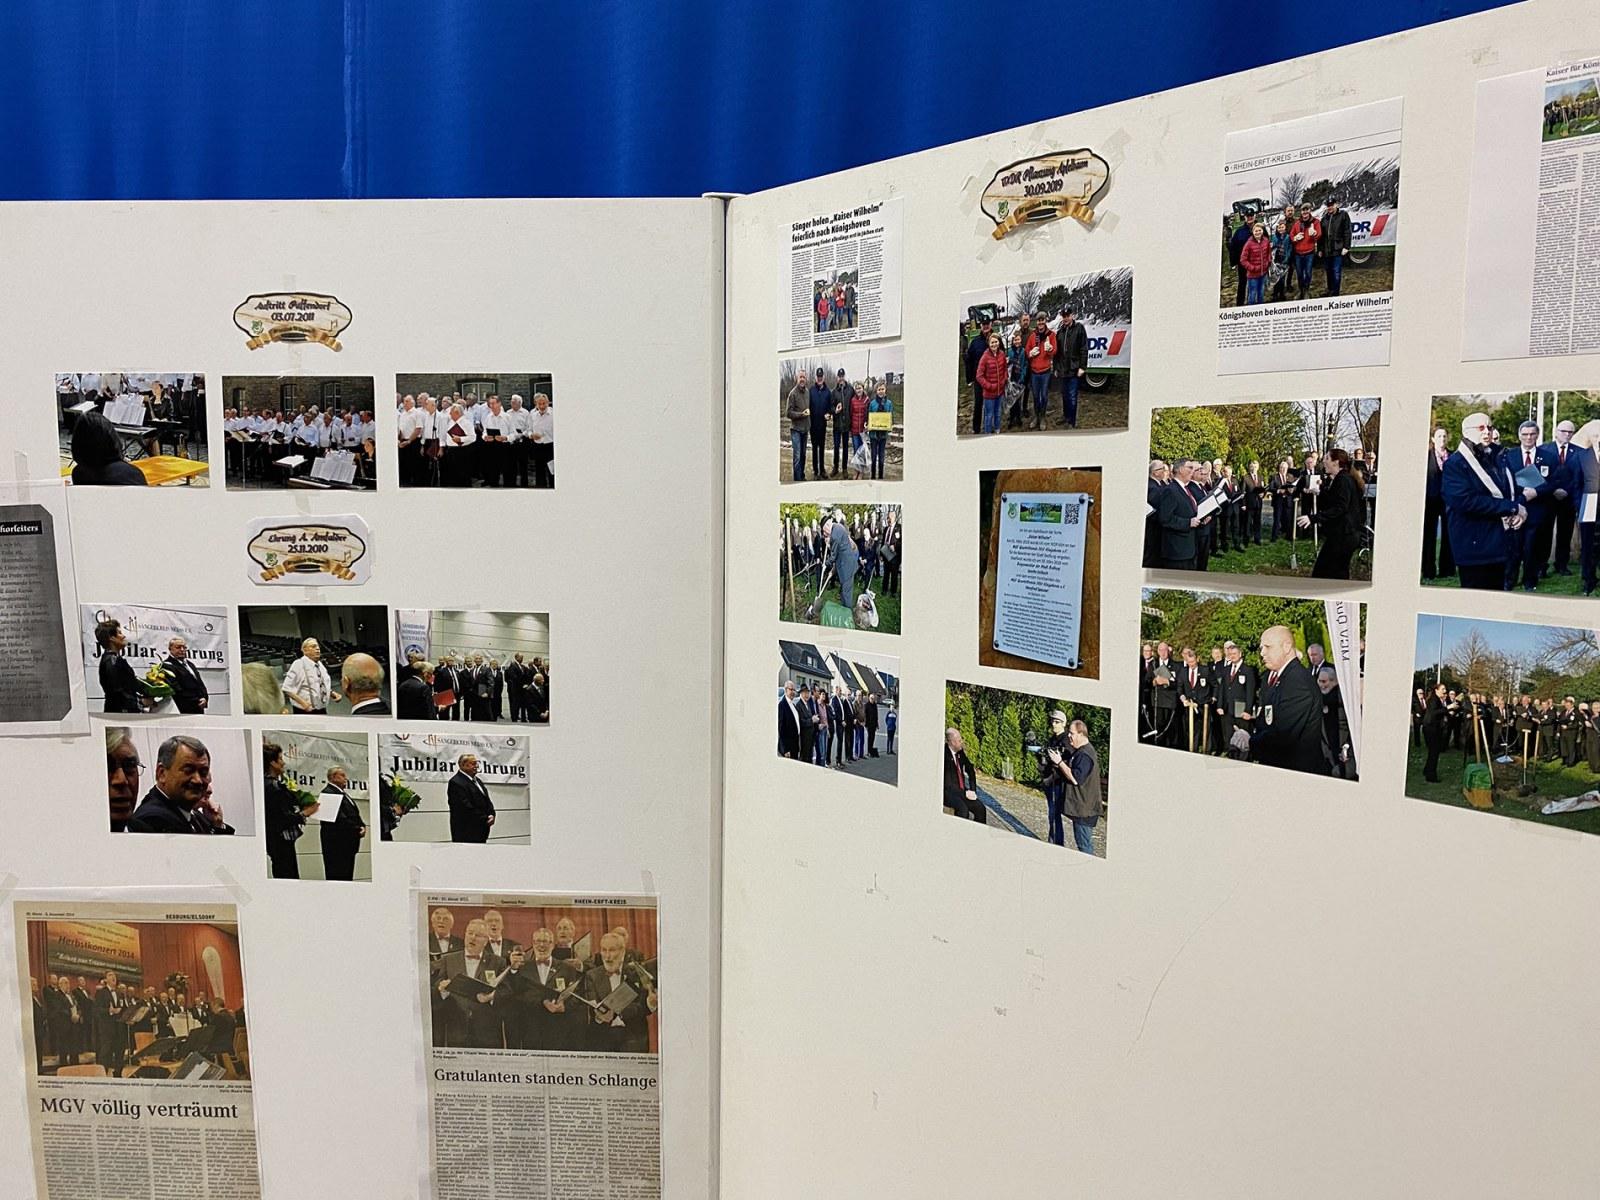 20200117-Eroeffnung-der-Fotoausstellung-zu-90-Jahre-MGV-Quartettverein-Foto052